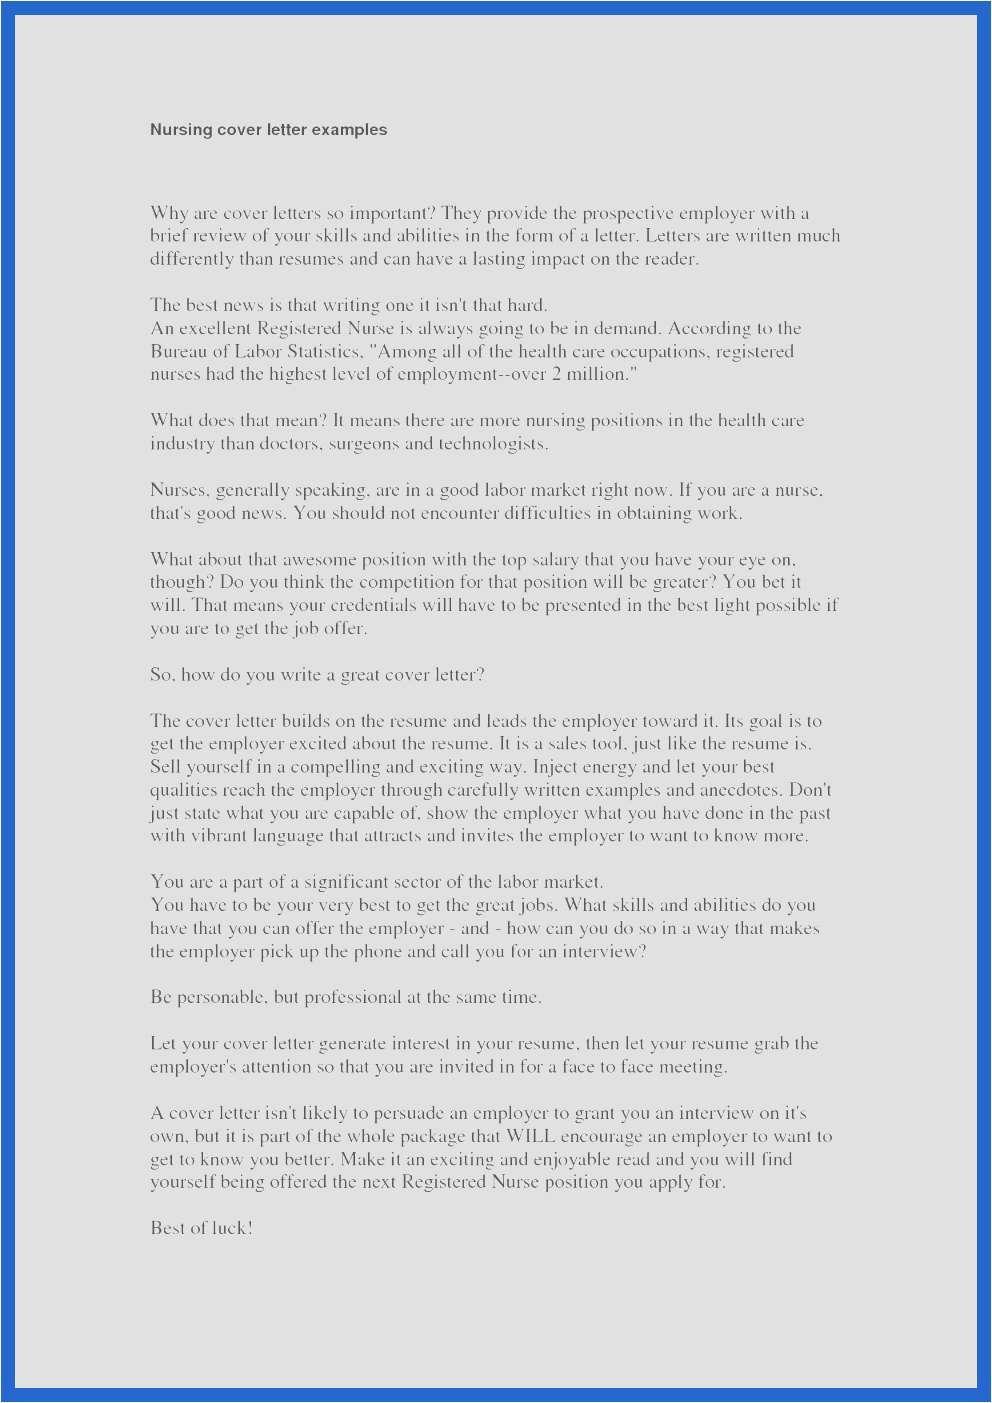 25 Nursing Cover Letter Examples Nursing Cover Letter Cover Letter Example Letter Example